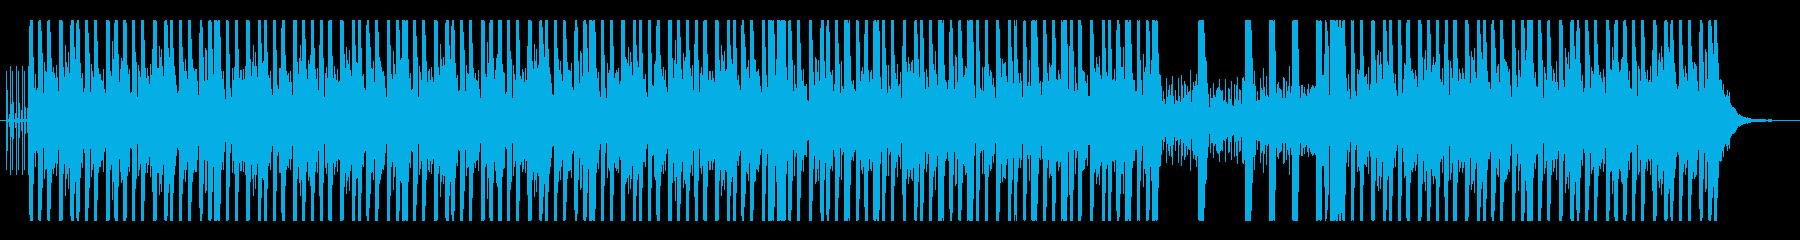 オリエンタルでダークなビートの再生済みの波形